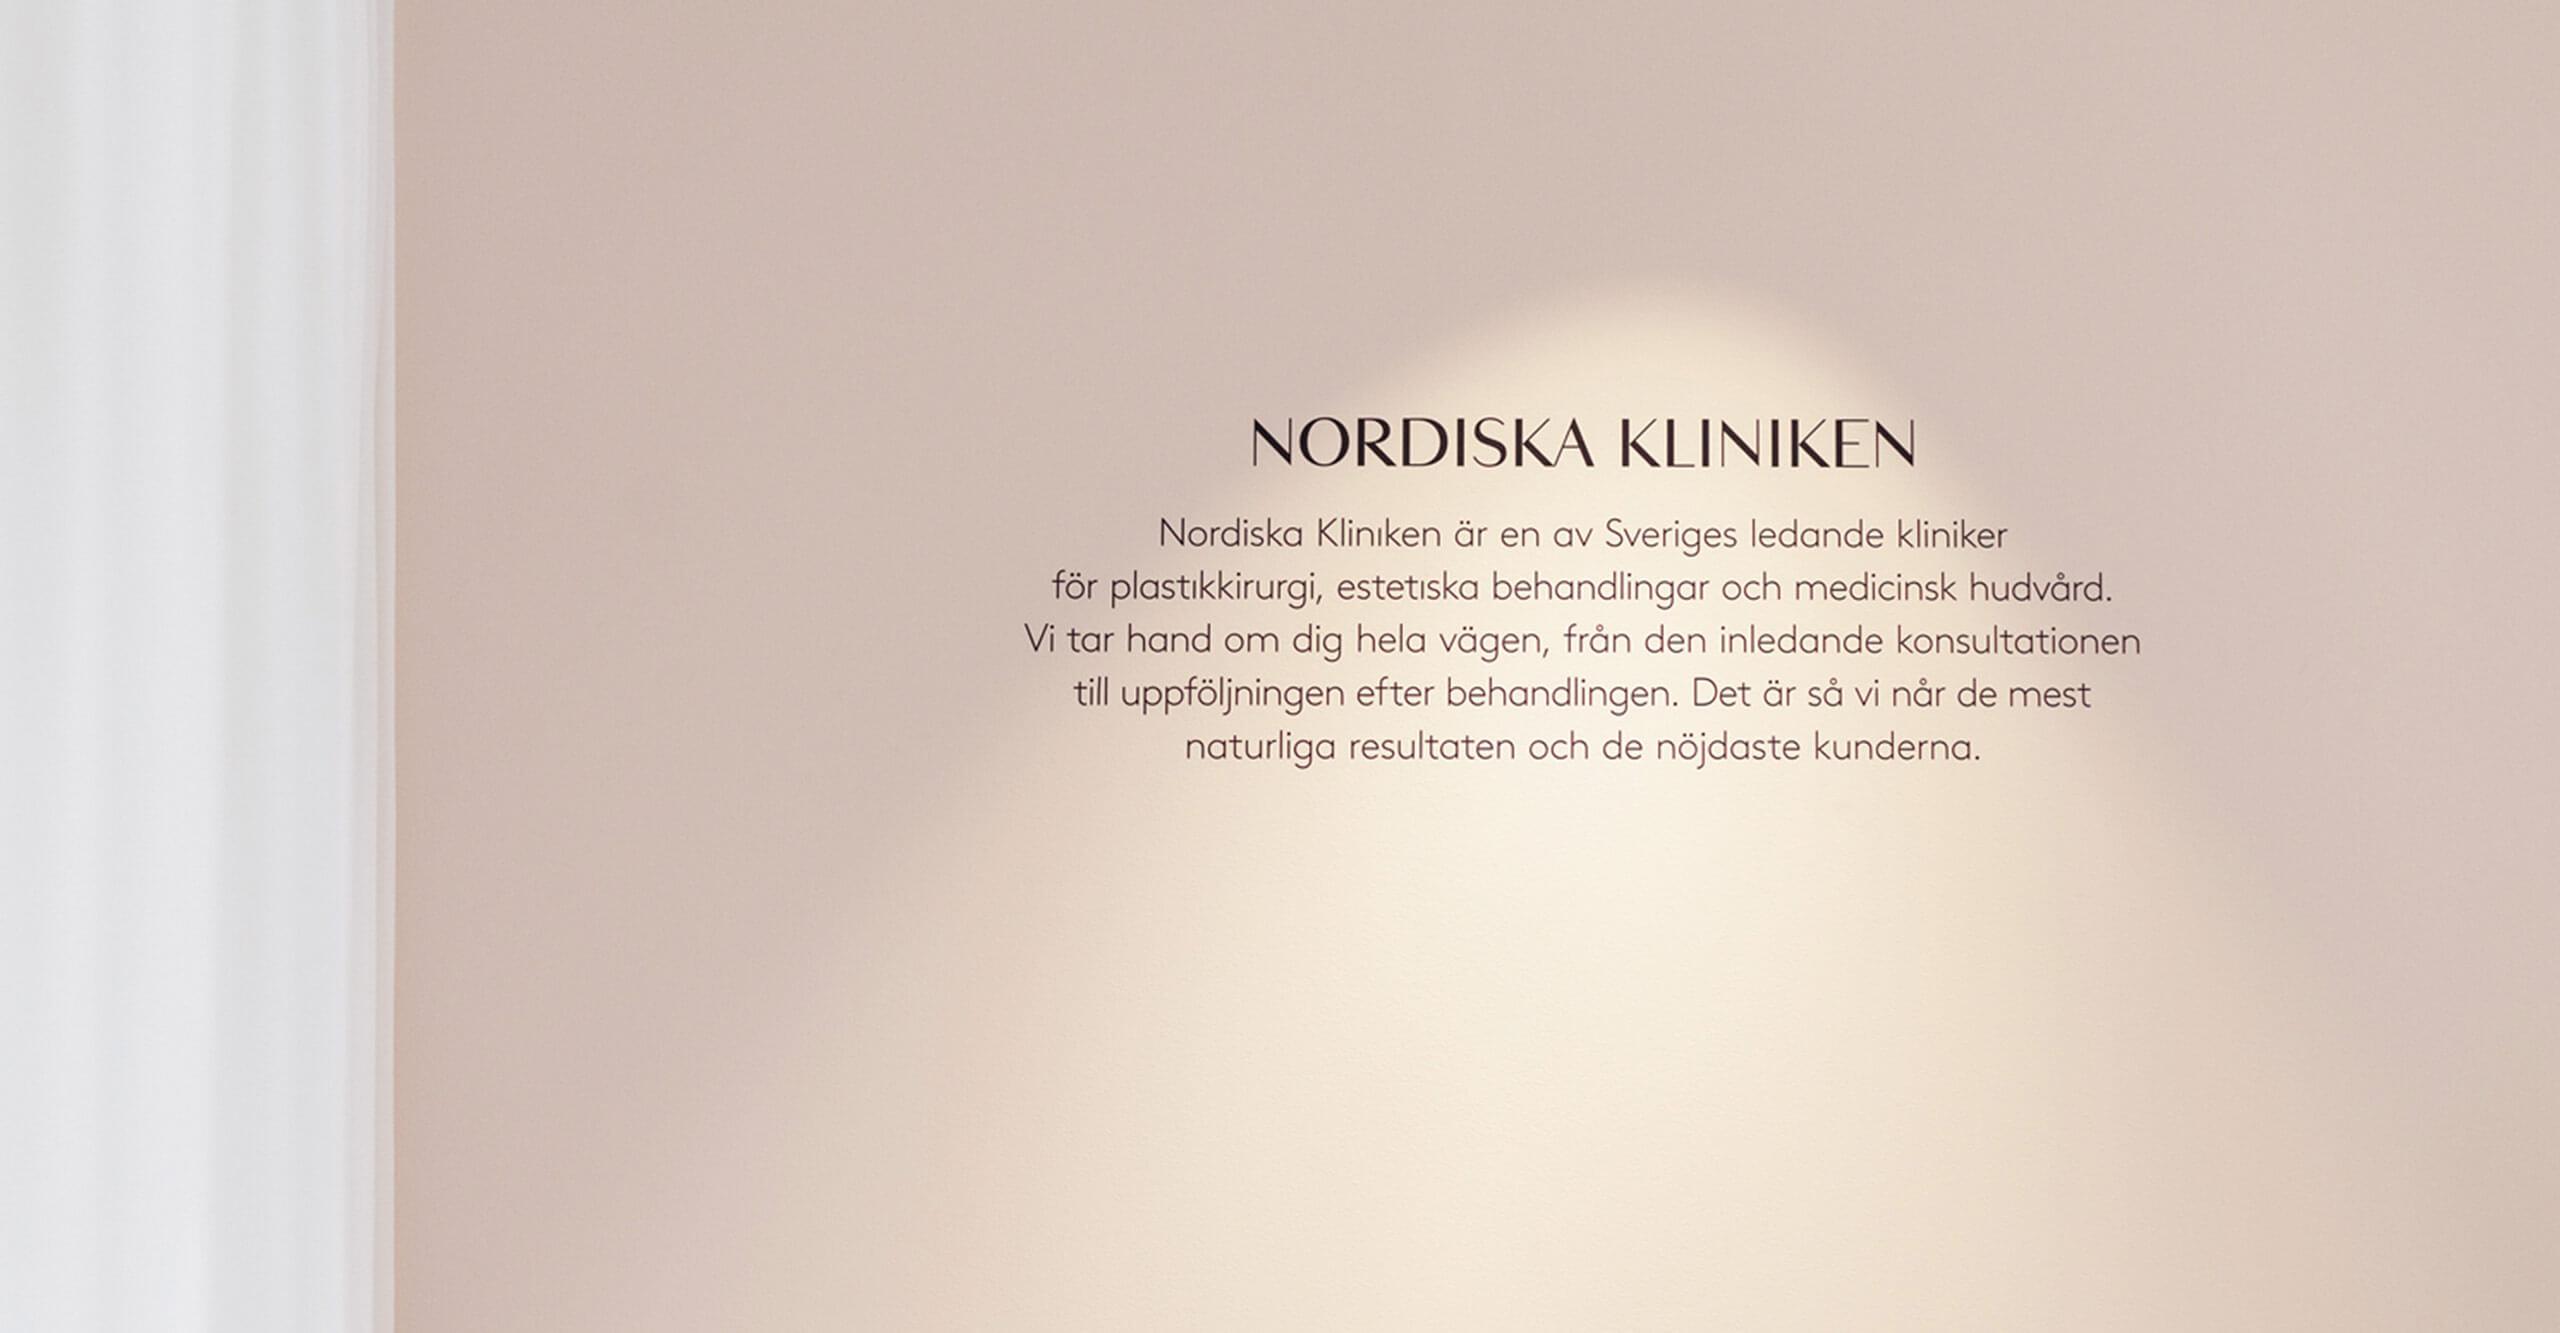 Citat på vägg hos Nordiska Kliniken